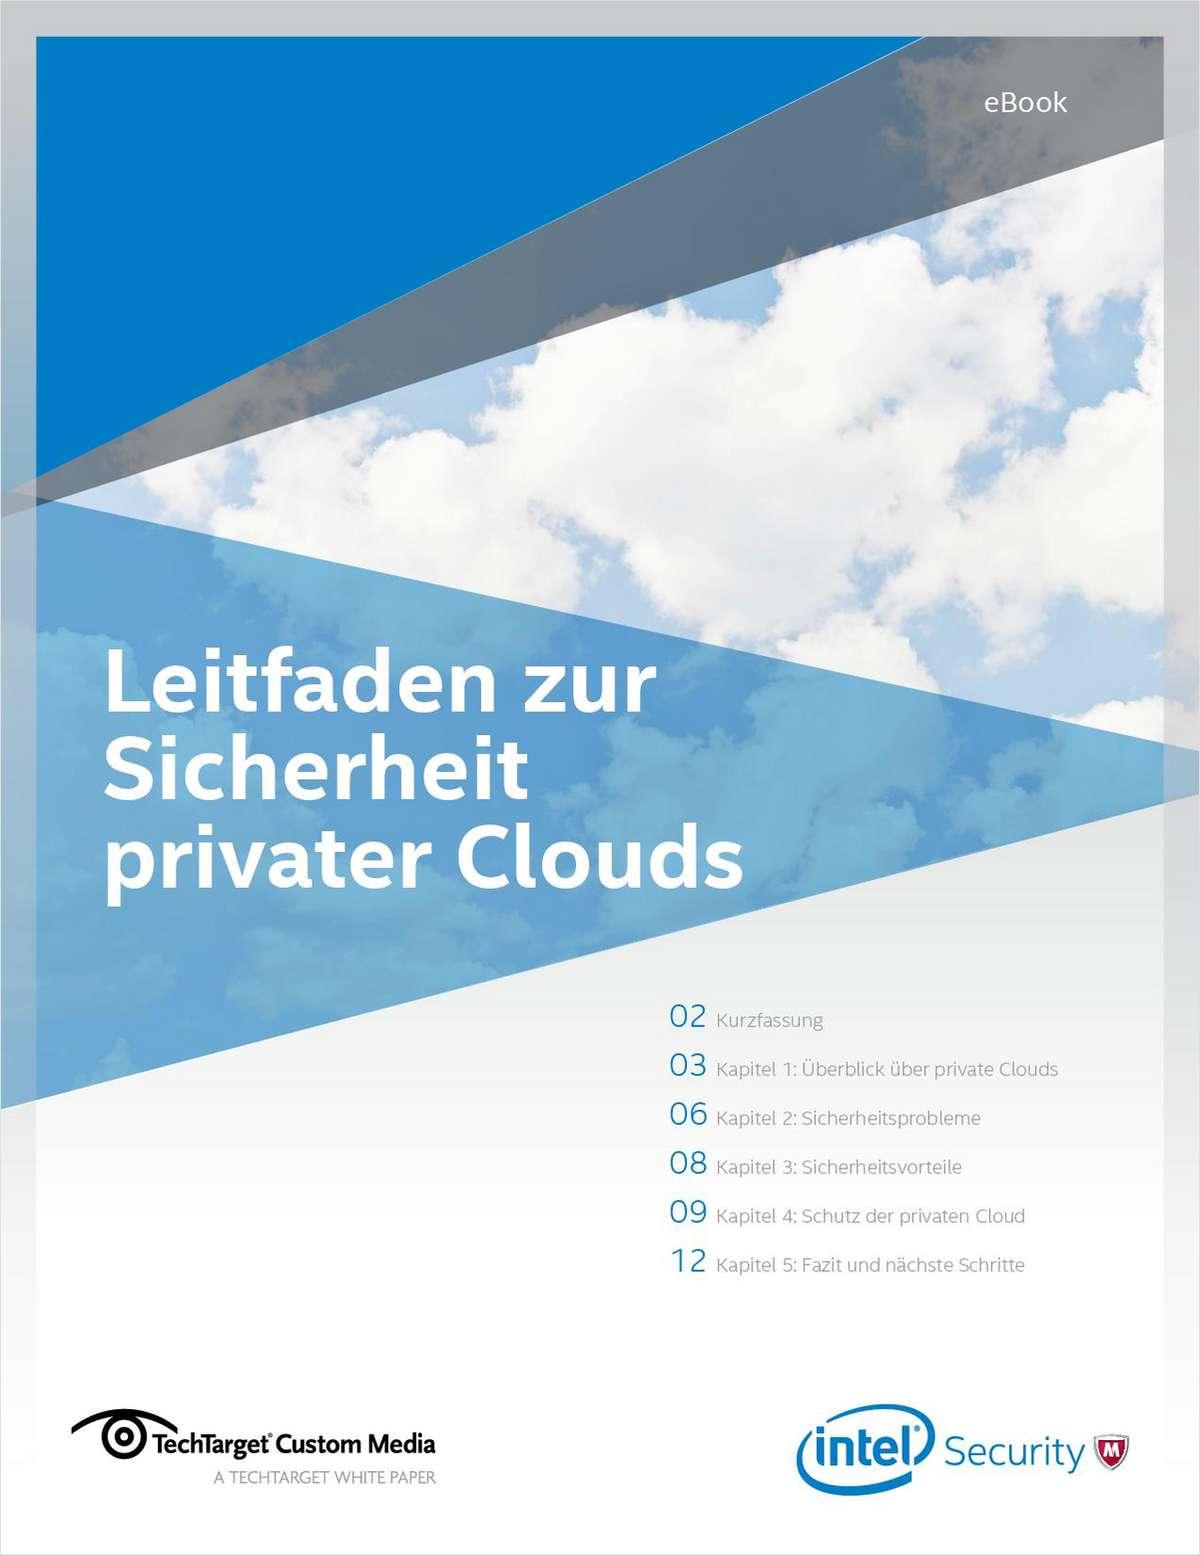 Leitfaden zur Sicherheit privater Clouds